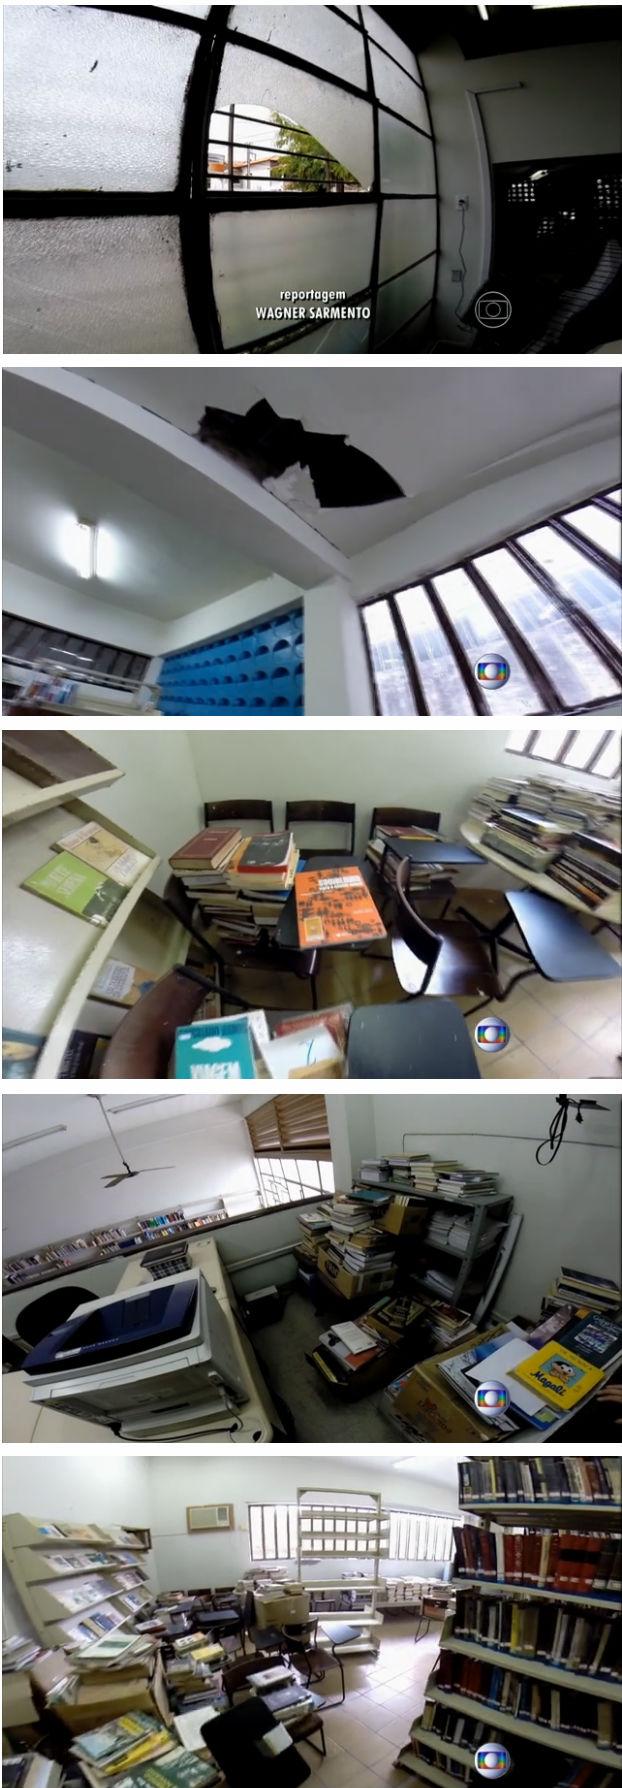 Bibliotecas públicas do Recife